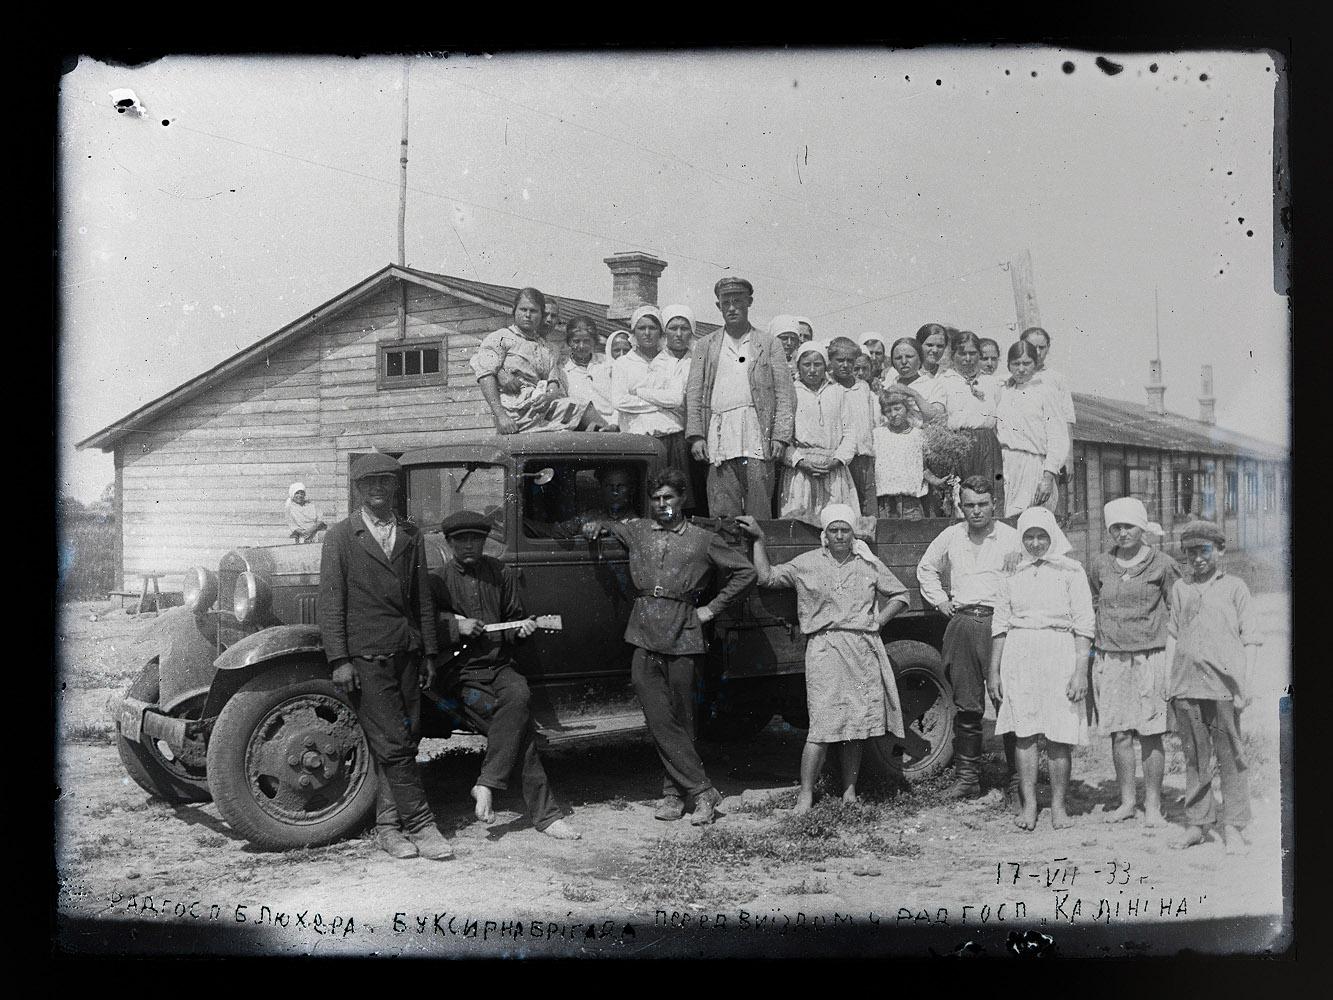 Чорно-біле фото людей біля машини - буксирна бригада